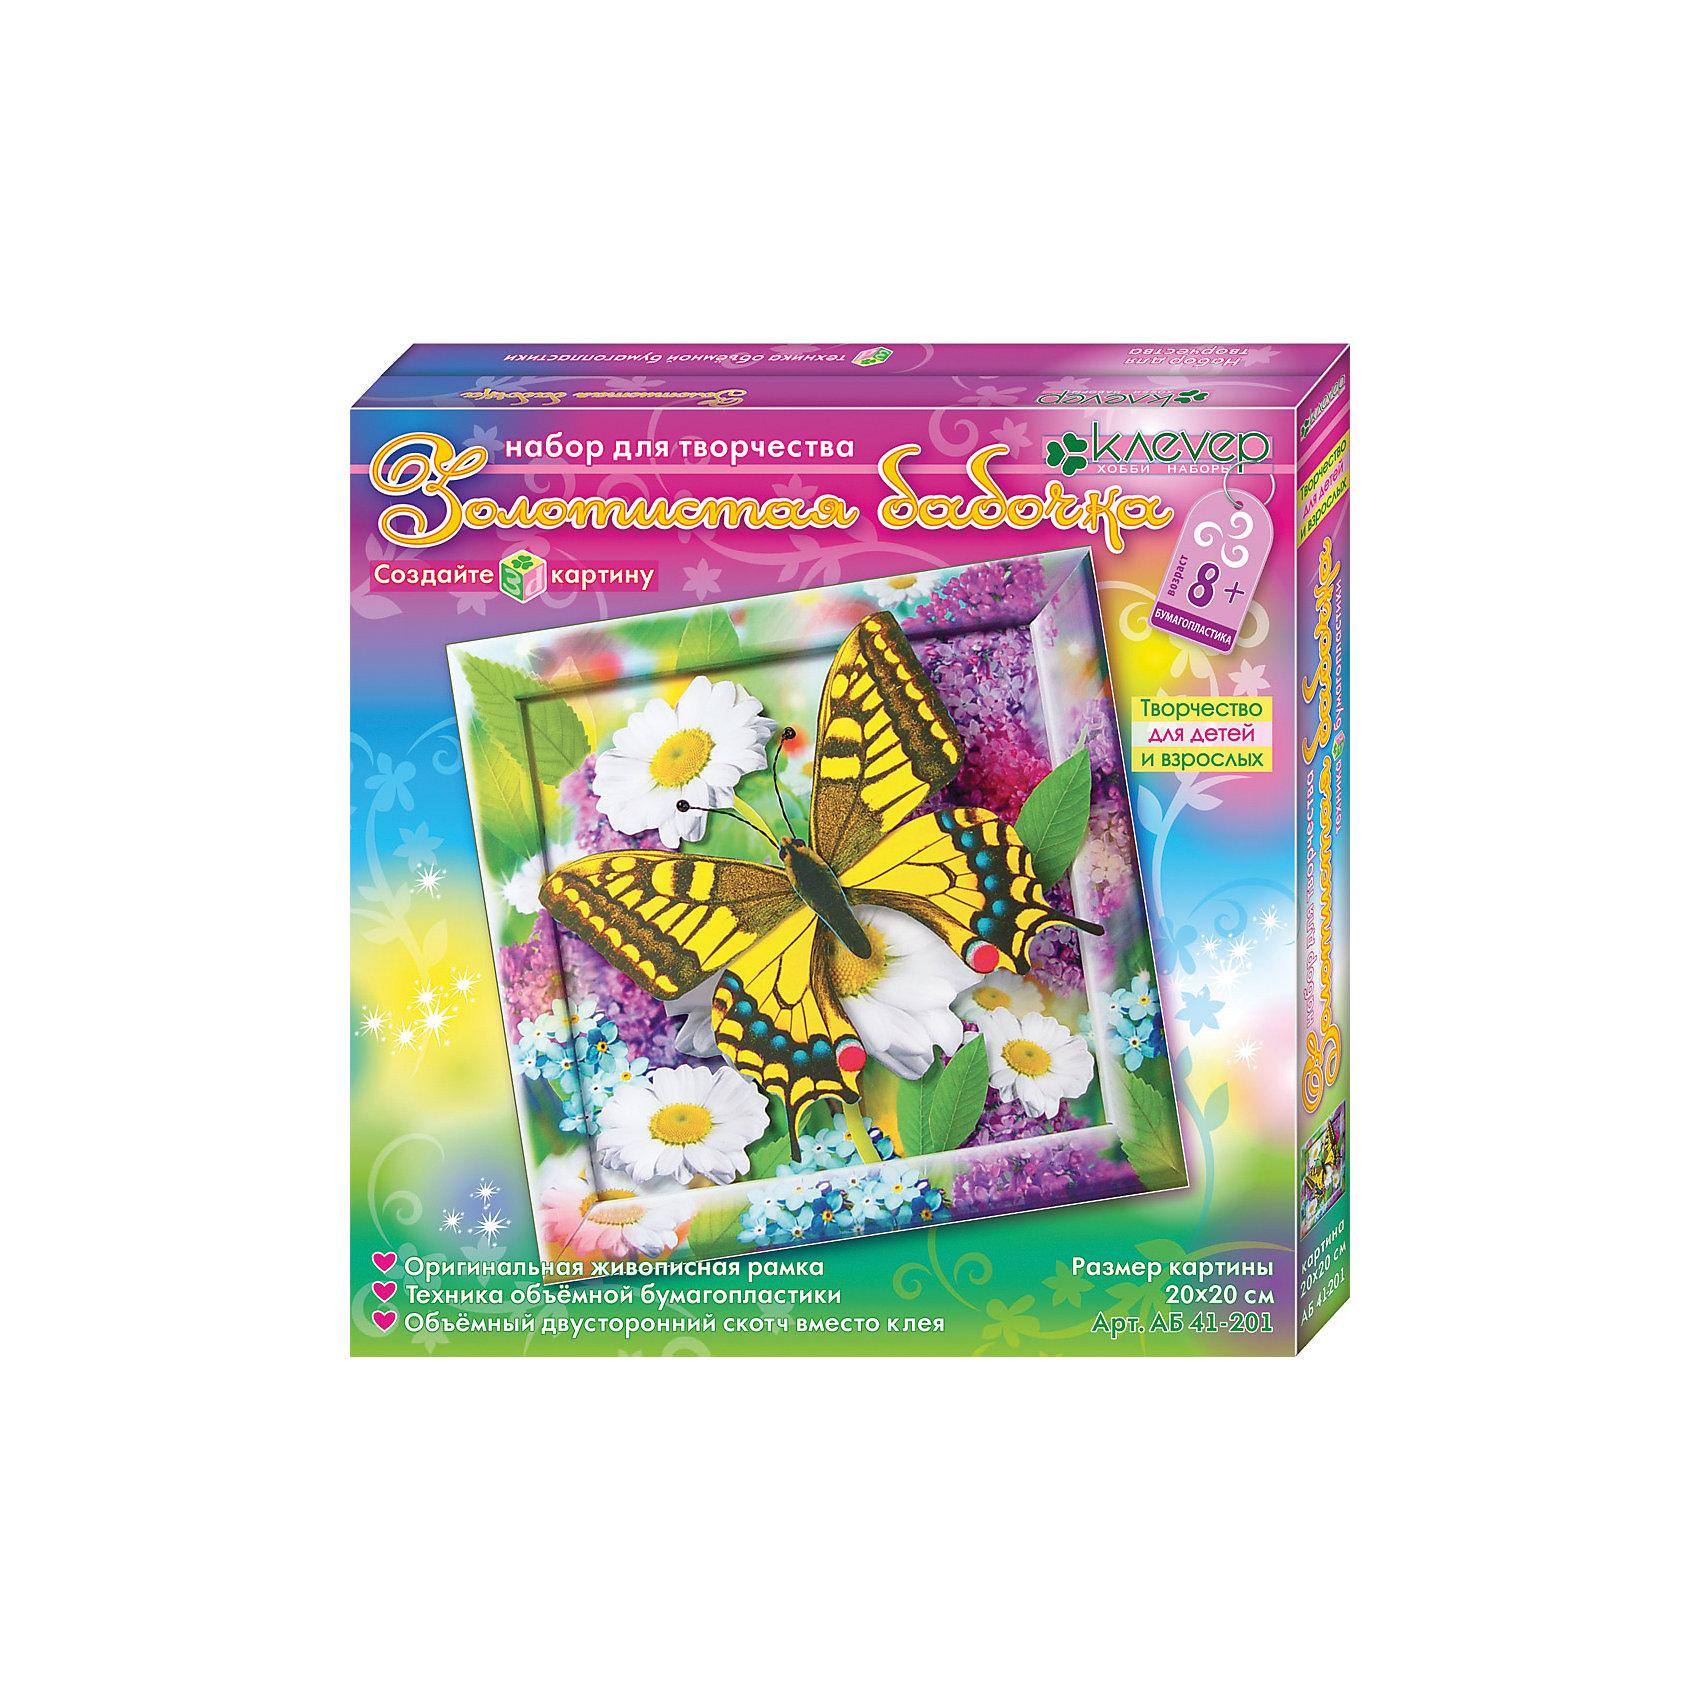 Набор для изготовления картины Золотистая бабочка, аппликацияРукоделие<br>Характеристики:<br><br>• Коллекция: бумагопластика<br>• Тематика картины: насекомые<br>• Уровень сложности: средний<br>• Материал: картон, бисер, скотч<br>• Комплектация: набор цветной бумаги, картонная основа и рамка, проволока, бисер, подвес, скотч, инструкция<br>• Размеры готовой картины (Ш*В): 20*20 см<br>• Размеры (Д*Ш*В): 20,7*28*24 см<br>• Вес: 74 г <br>• Упаковка: картонная коробка<br><br>Уникальность данных наборов заключается в том, что они состоят из материалов разных фактур. Благодаря использованию двухстороннего скотча, рабочее место и одежда ребенка не будет испачкана, а поделка будет выглядеть объемной и аккуратной.<br><br>Набор для изготовления картины Золотистая бабочка, аппликация – состоит из всех необходимых материалов для создания аппликации в виде объемной бабочки. В комплекте предусмотрена рамка и подвес. <br><br>Набор для изготовления картины Золотистая бабочка, аппликация можно купить в нашем интернет-магазине.<br><br>Ширина мм: 207<br>Глубина мм: 280<br>Высота мм: 240<br>Вес г: 74<br>Возраст от месяцев: 96<br>Возраст до месяцев: 144<br>Пол: Унисекс<br>Возраст: Детский<br>SKU: 5541513